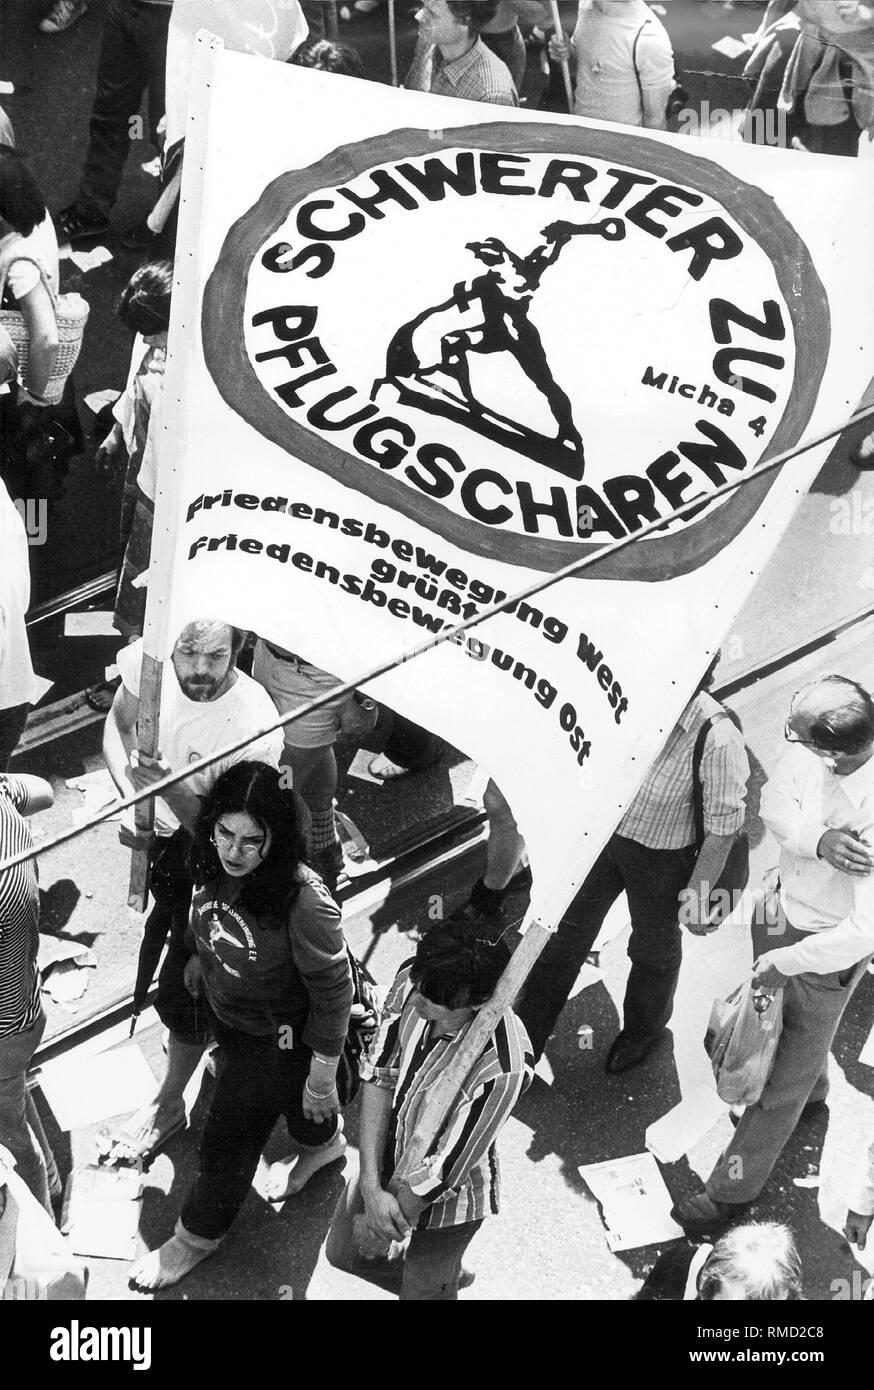 """Les manifestants lors d'une manifestation à l'occasion de la paix de l'OTAN tenue à Bonn porter une affiche avec l'inscription """"mots à socs - Mouvement pour la paix en Afrique de l'ouest accueille le mouvement pour la paix dans l'Est'. Photo Stock"""